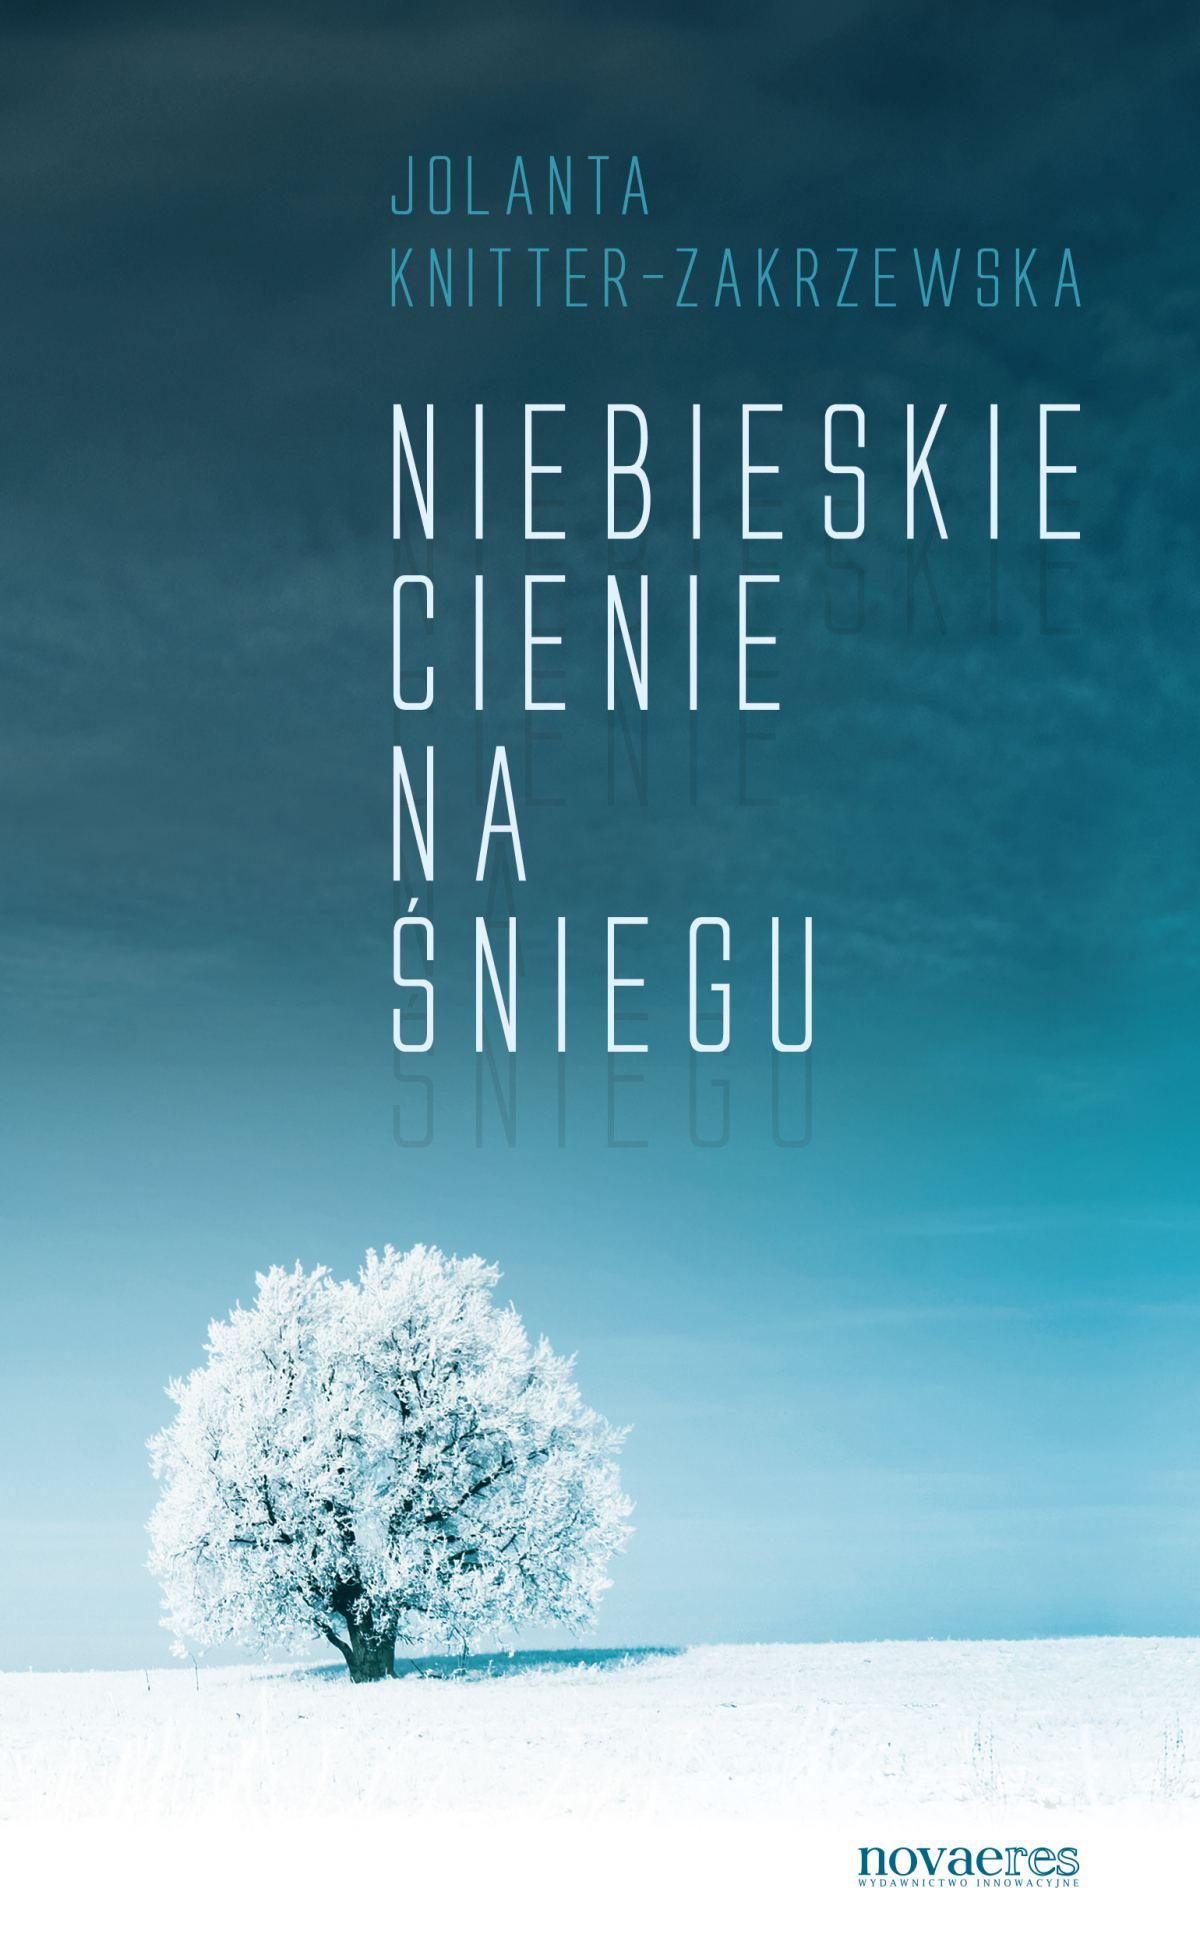 Niebieskie cienie na śniegu - Ebook (Książka EPUB) do pobrania w formacie EPUB